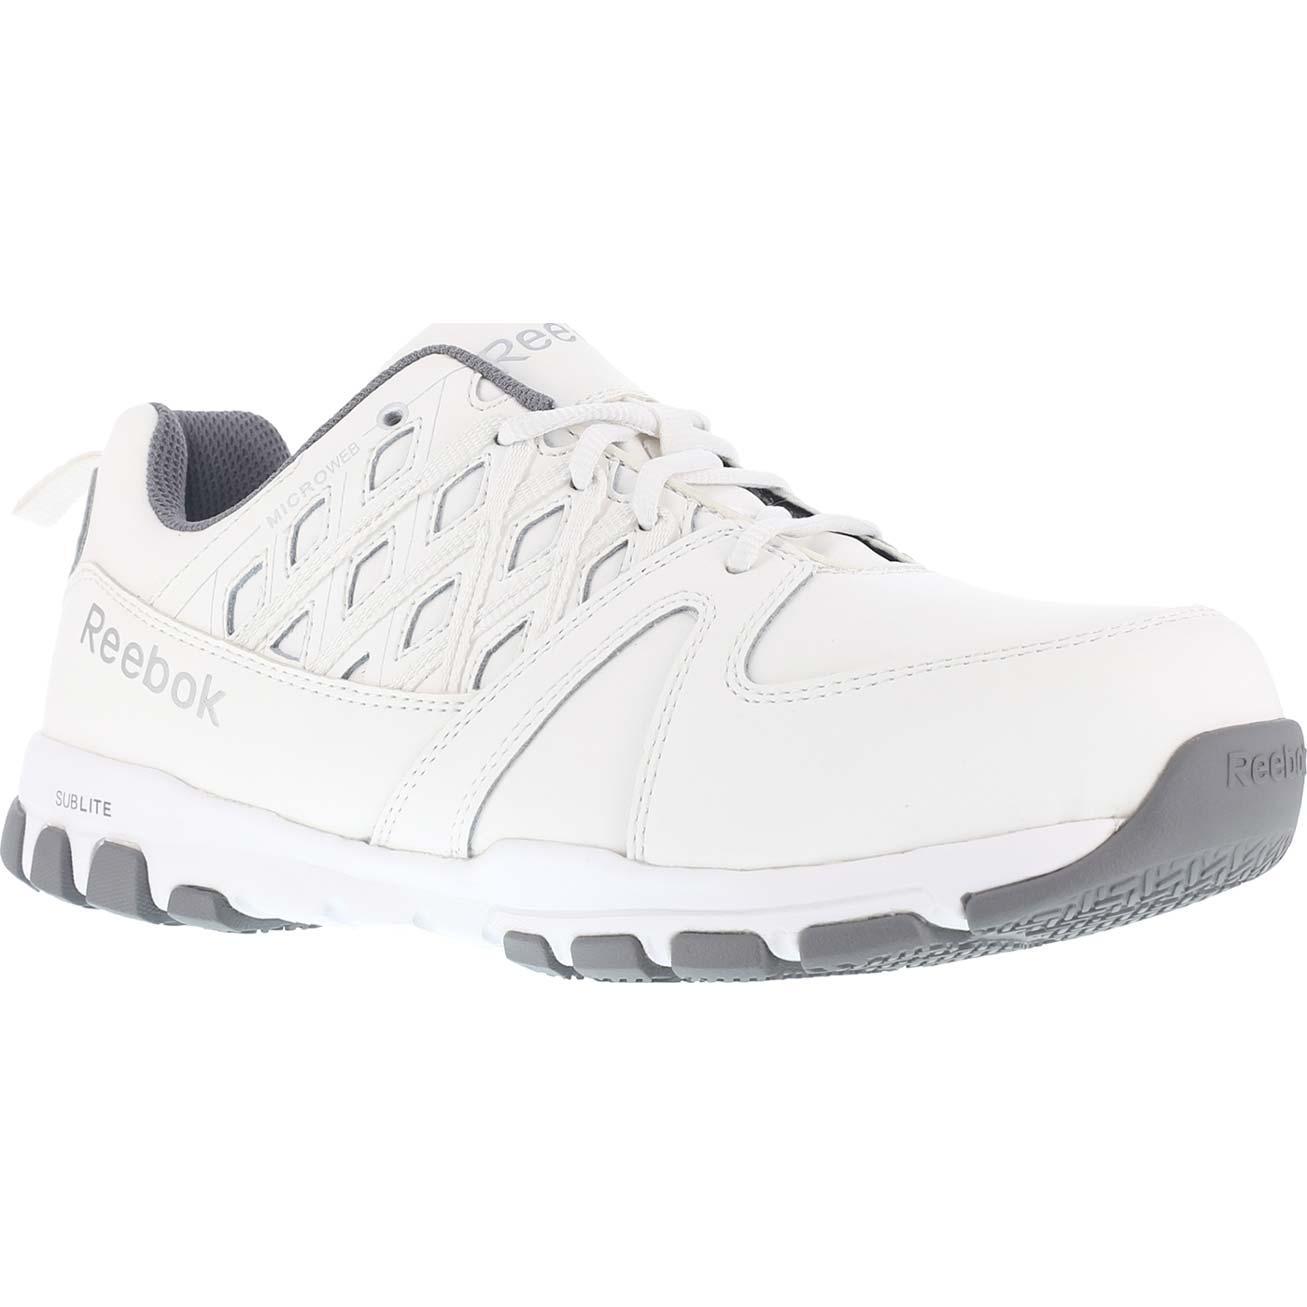 Reebok Sublite Work Women s Steel Toe Static-Dissipative Work Athletic  ShoeReebok Sublite Work Women s Steel Toe Static-Dissipative Work Athletic  Shoe e9cce1263b